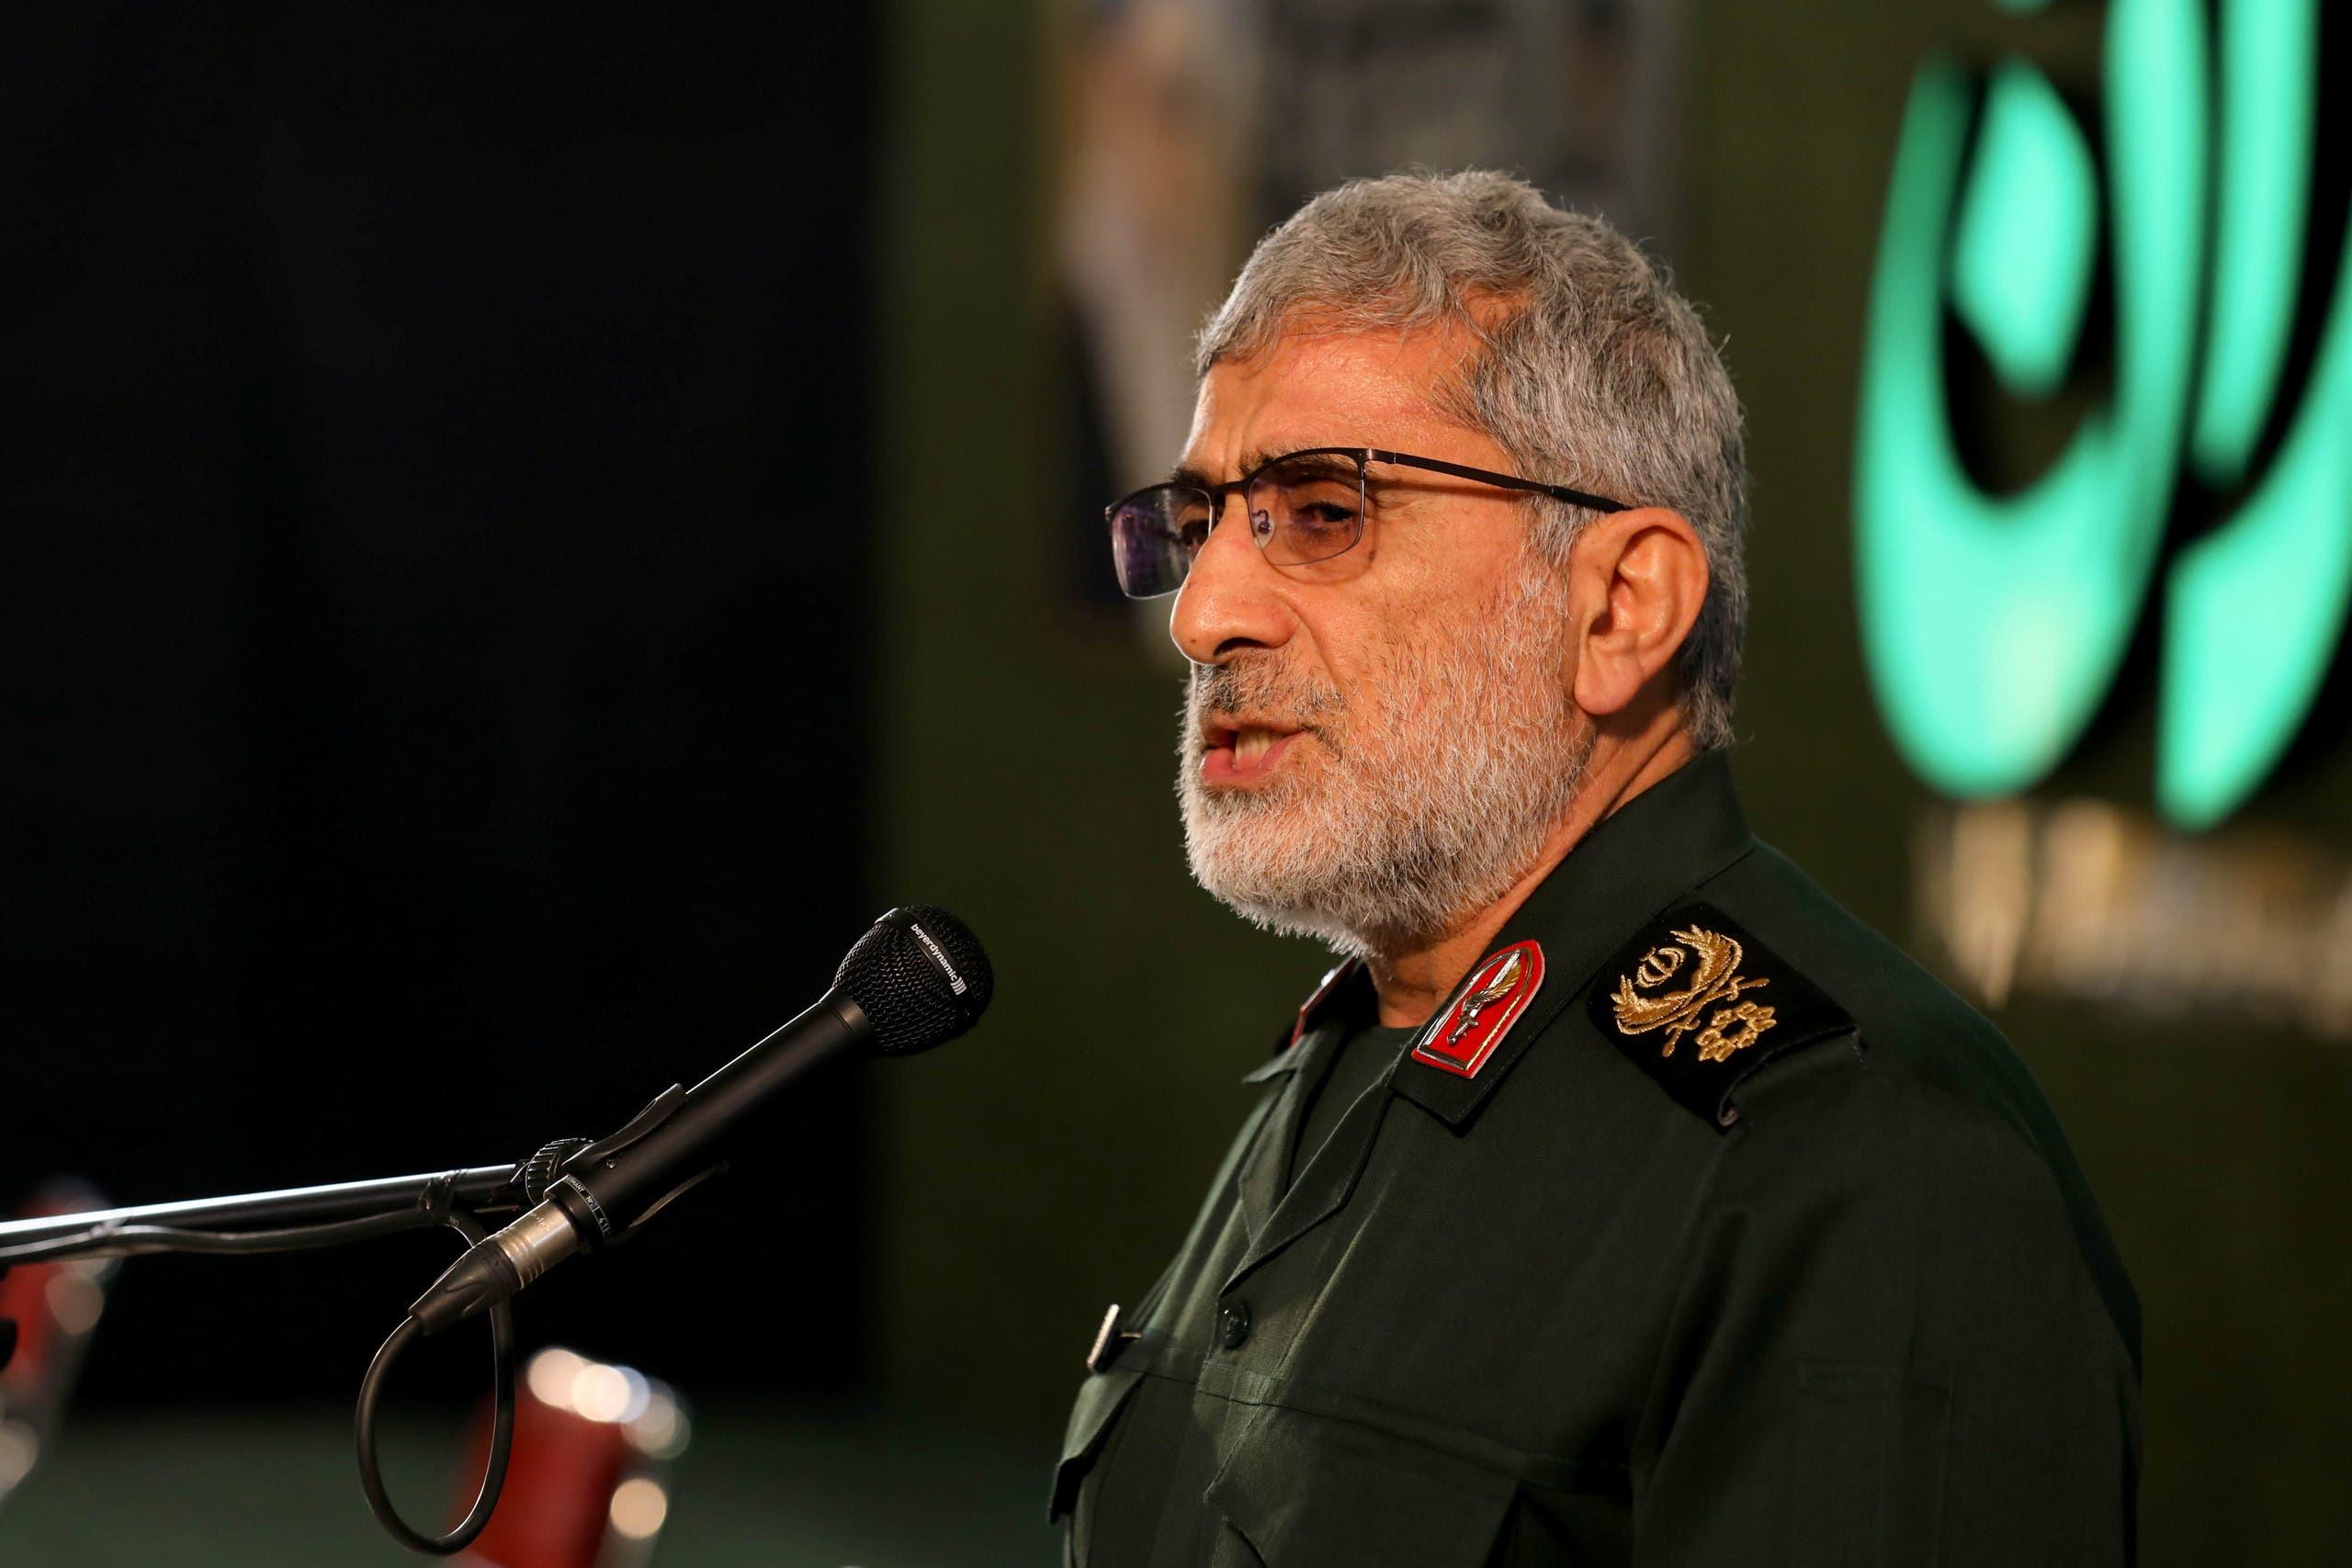 قائد فيلق القدس اسماعيل قاآني